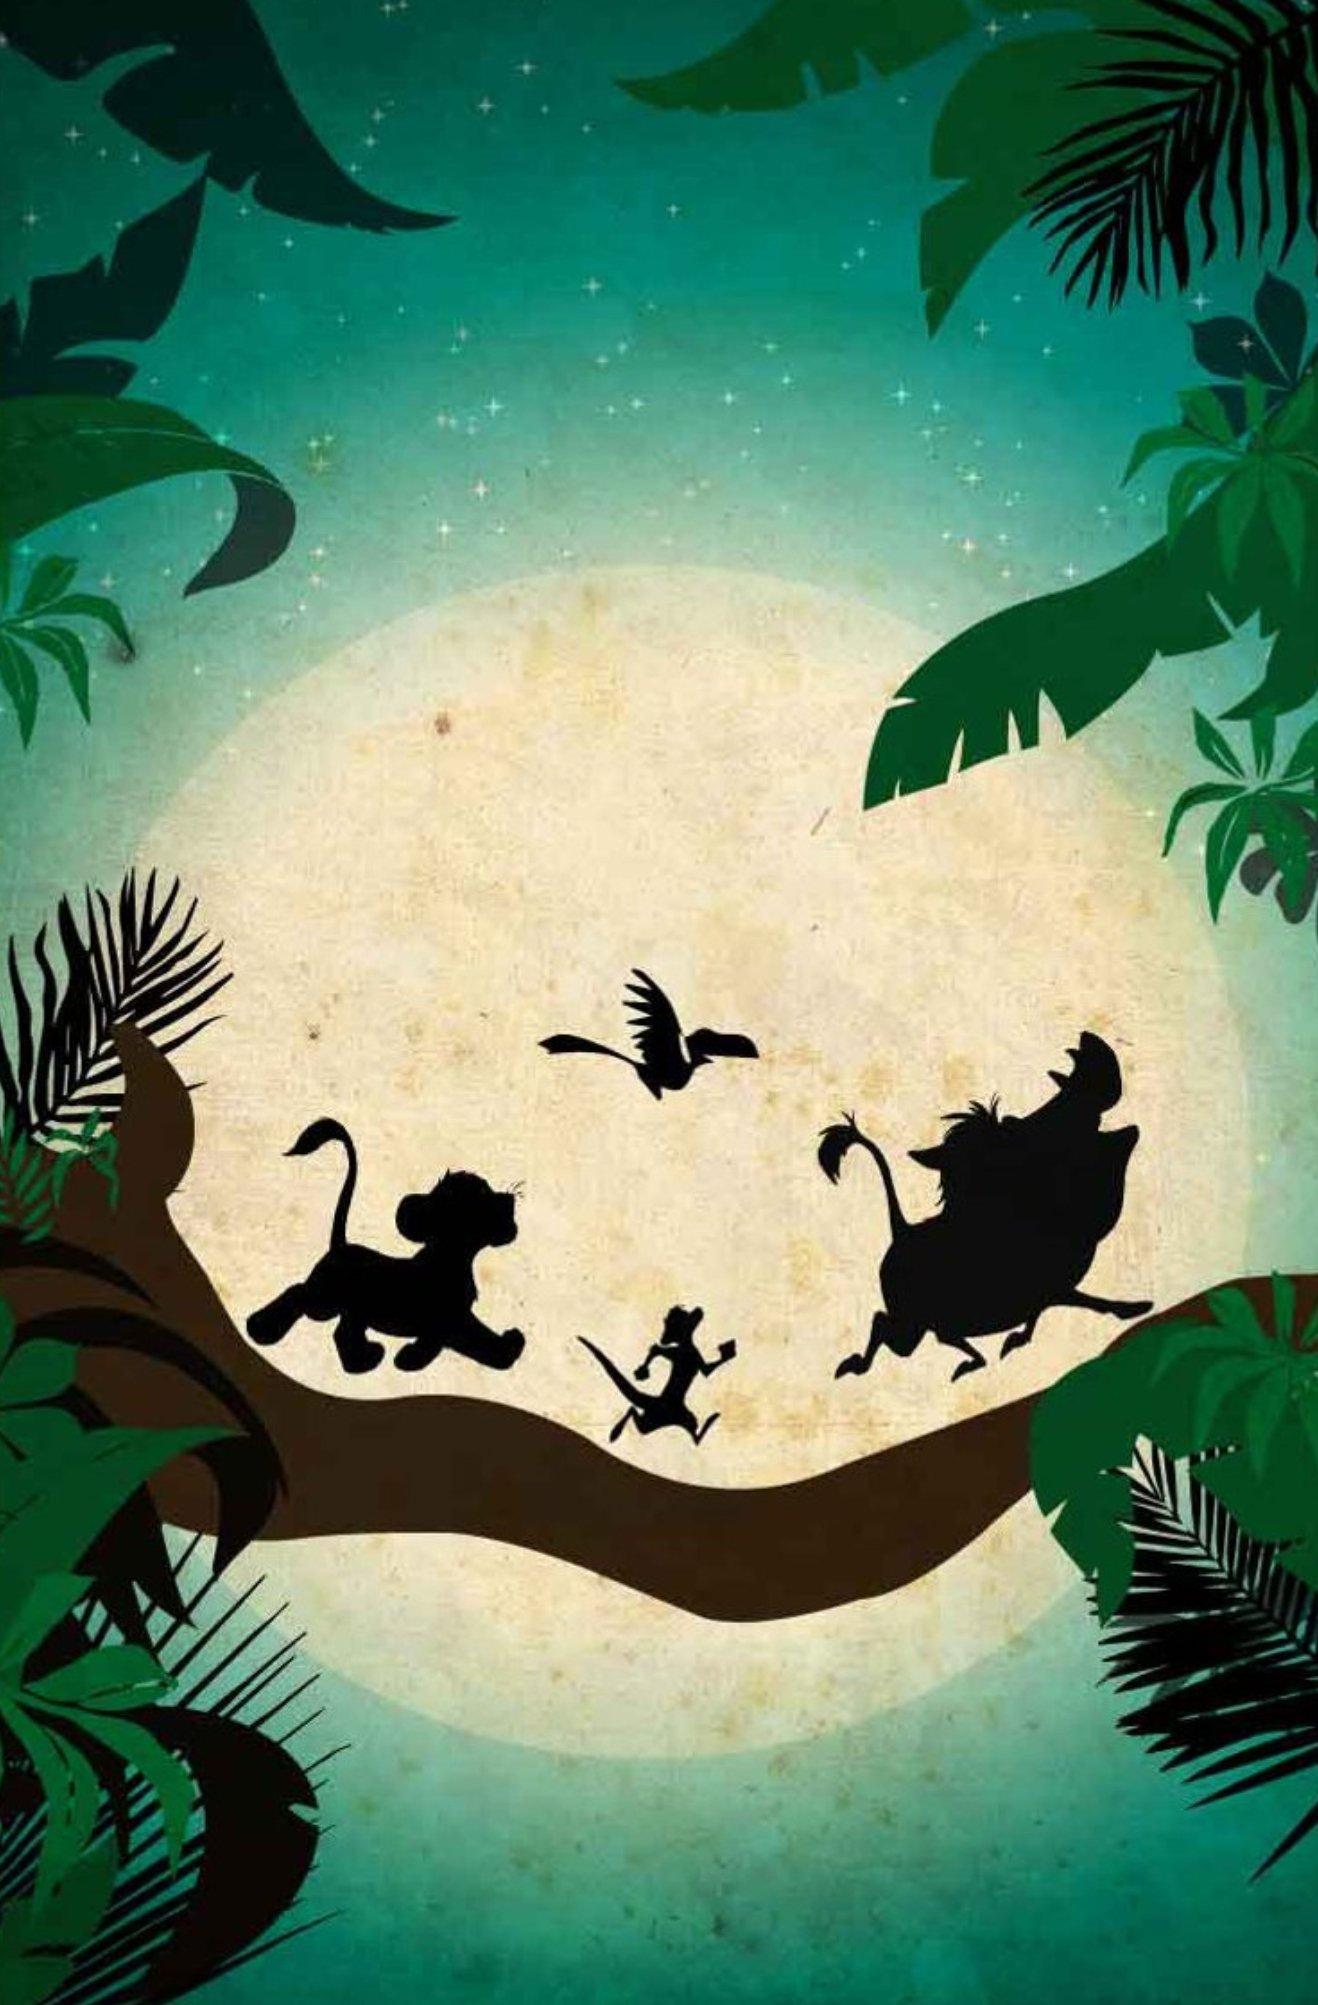 Fondos De Pantalla Para Celular Para Las Fanáticas De Disney